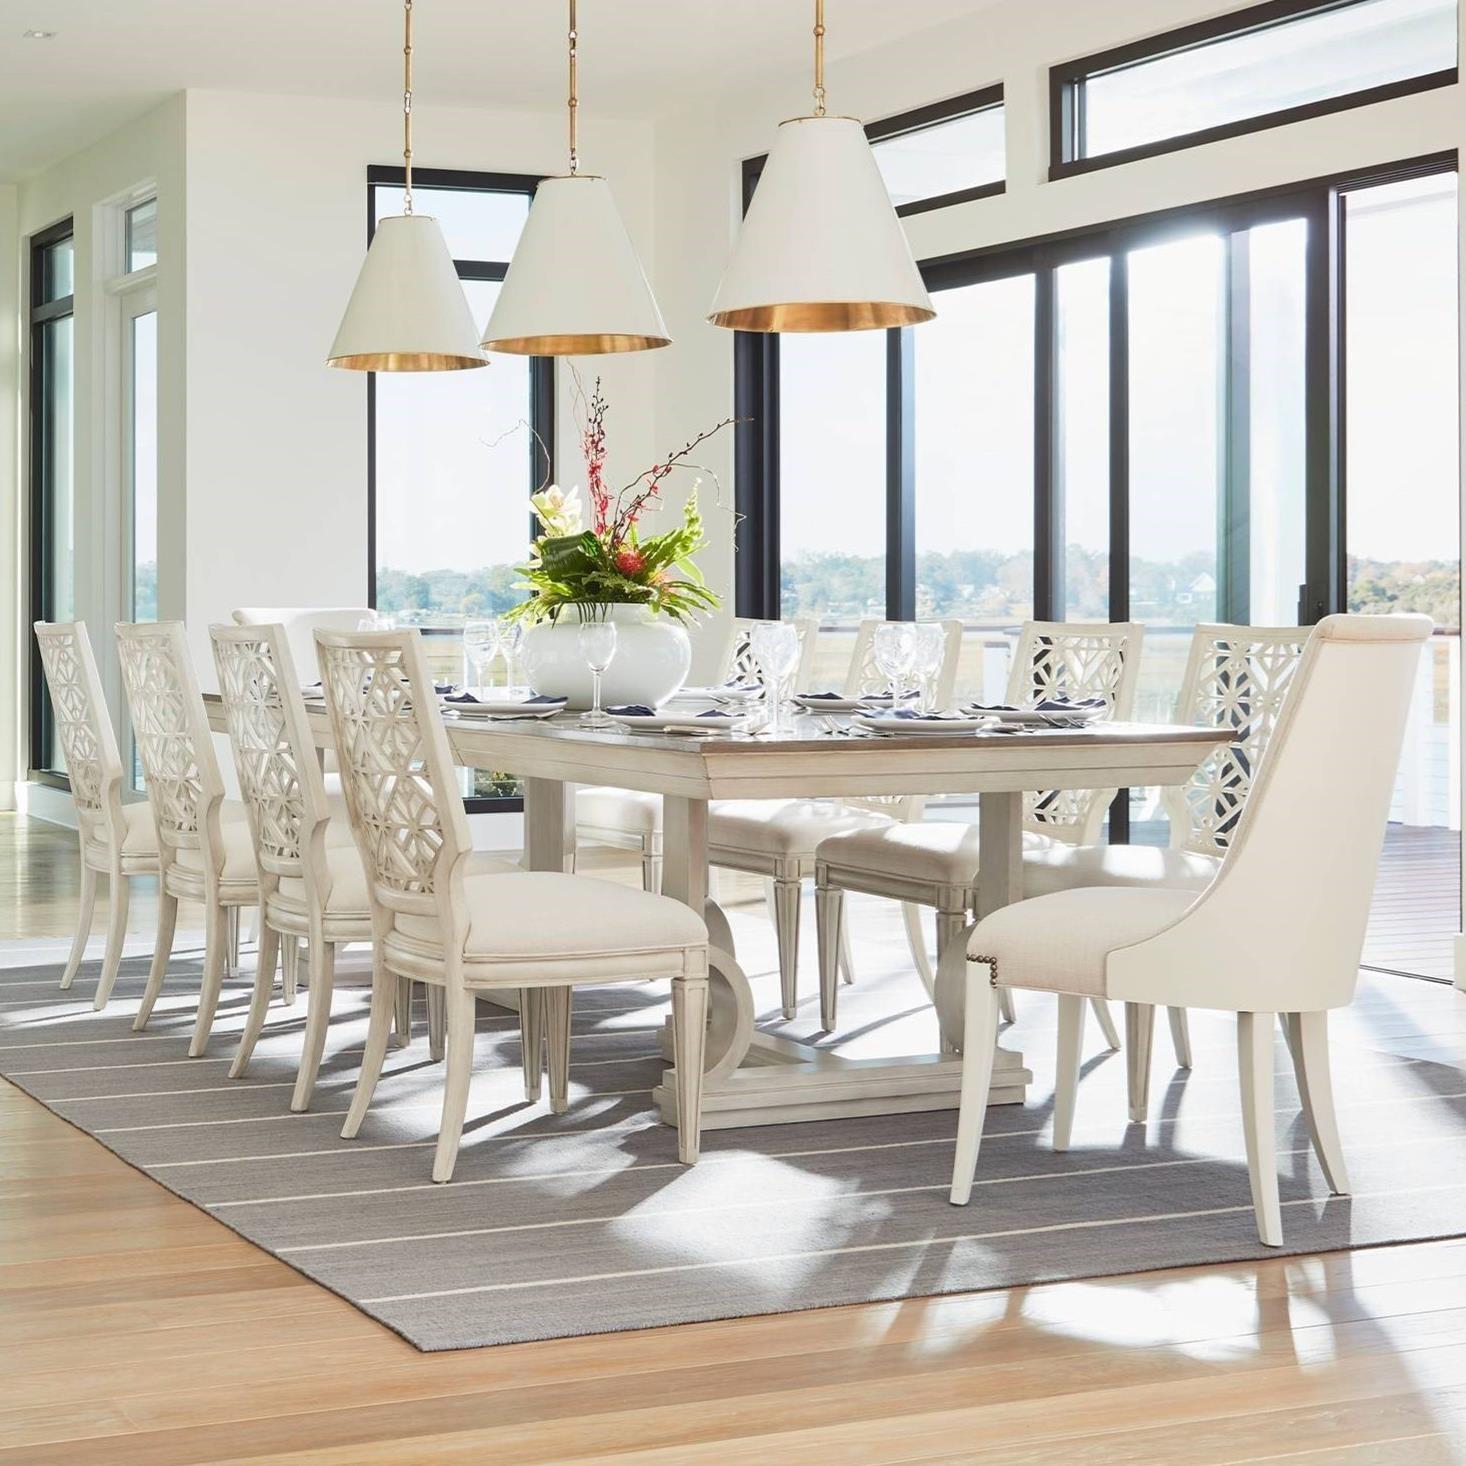 Stanley Furniture Coastal Living Oasis 11-Piece Moonrise Pedestal Dining Table Set - Item Number: 527-51-36+2x21-75+8x51-60